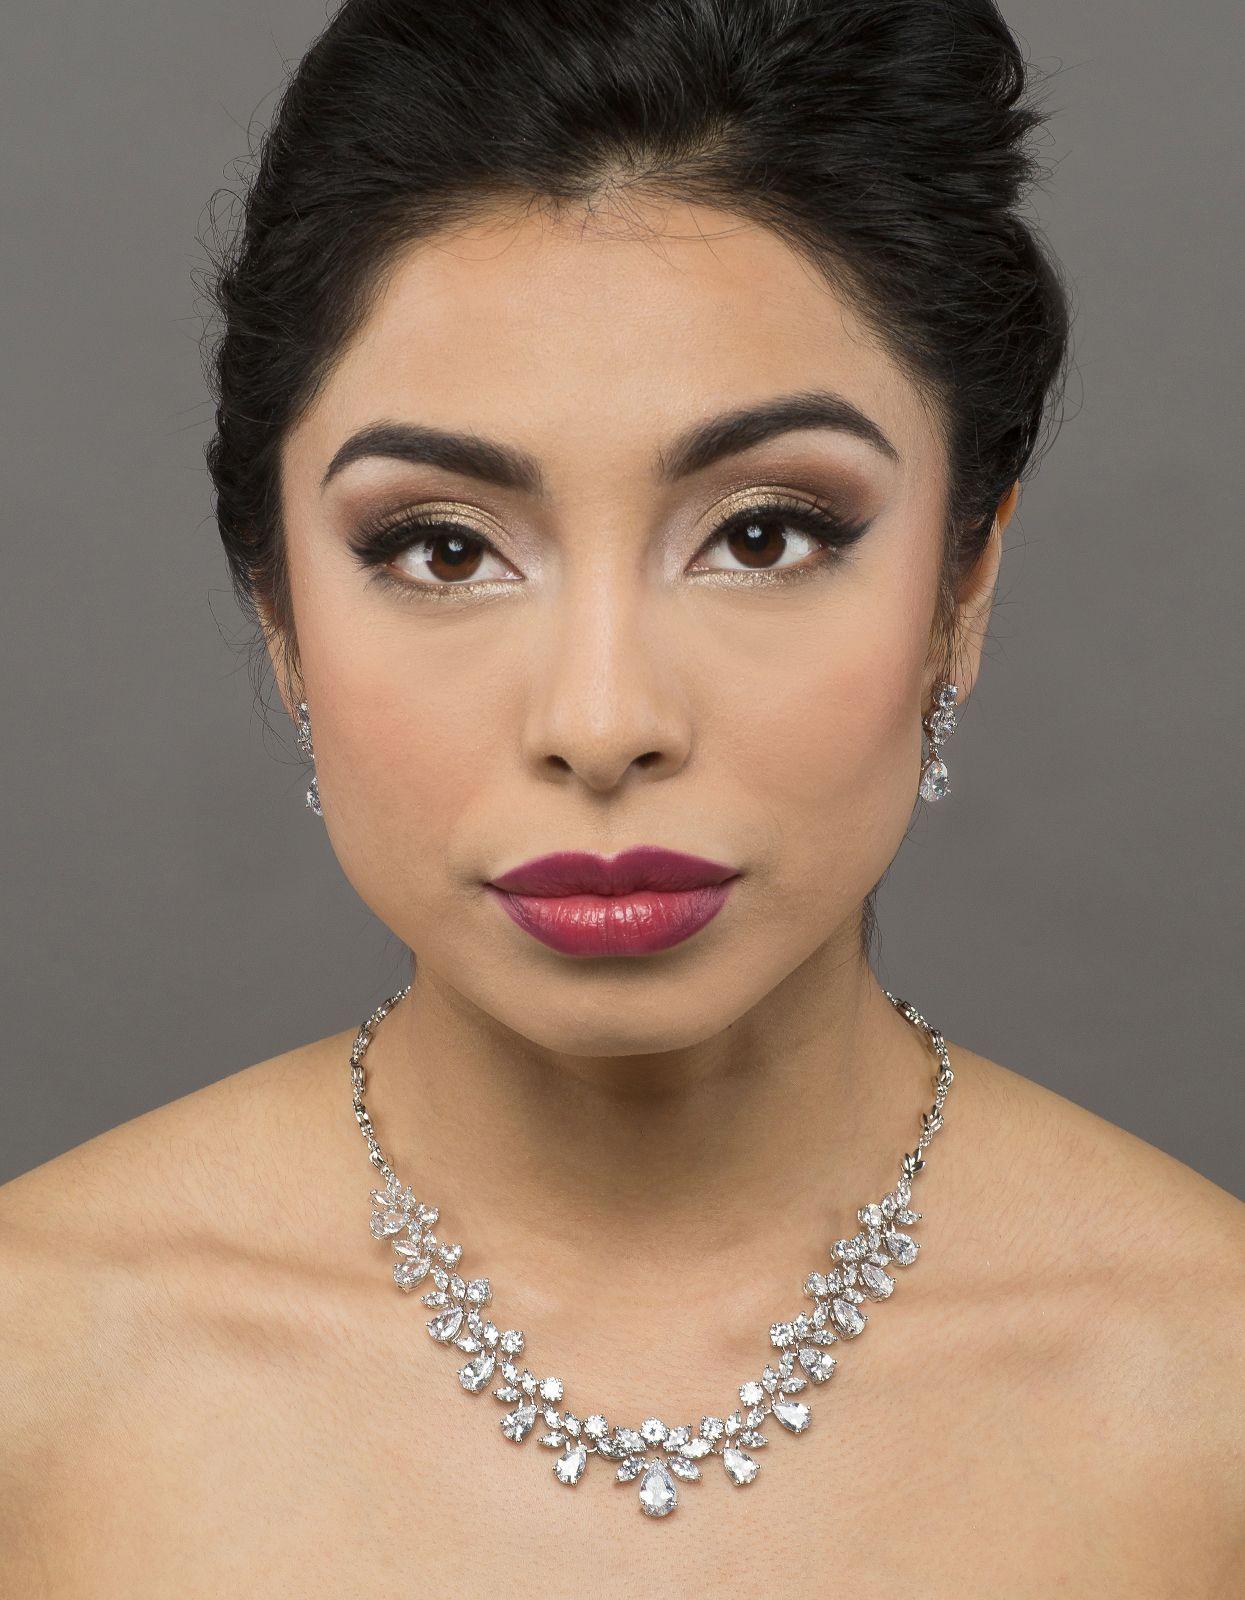 Bridal classics necklace sets mj 259 - Cz 831 Bridal Classics